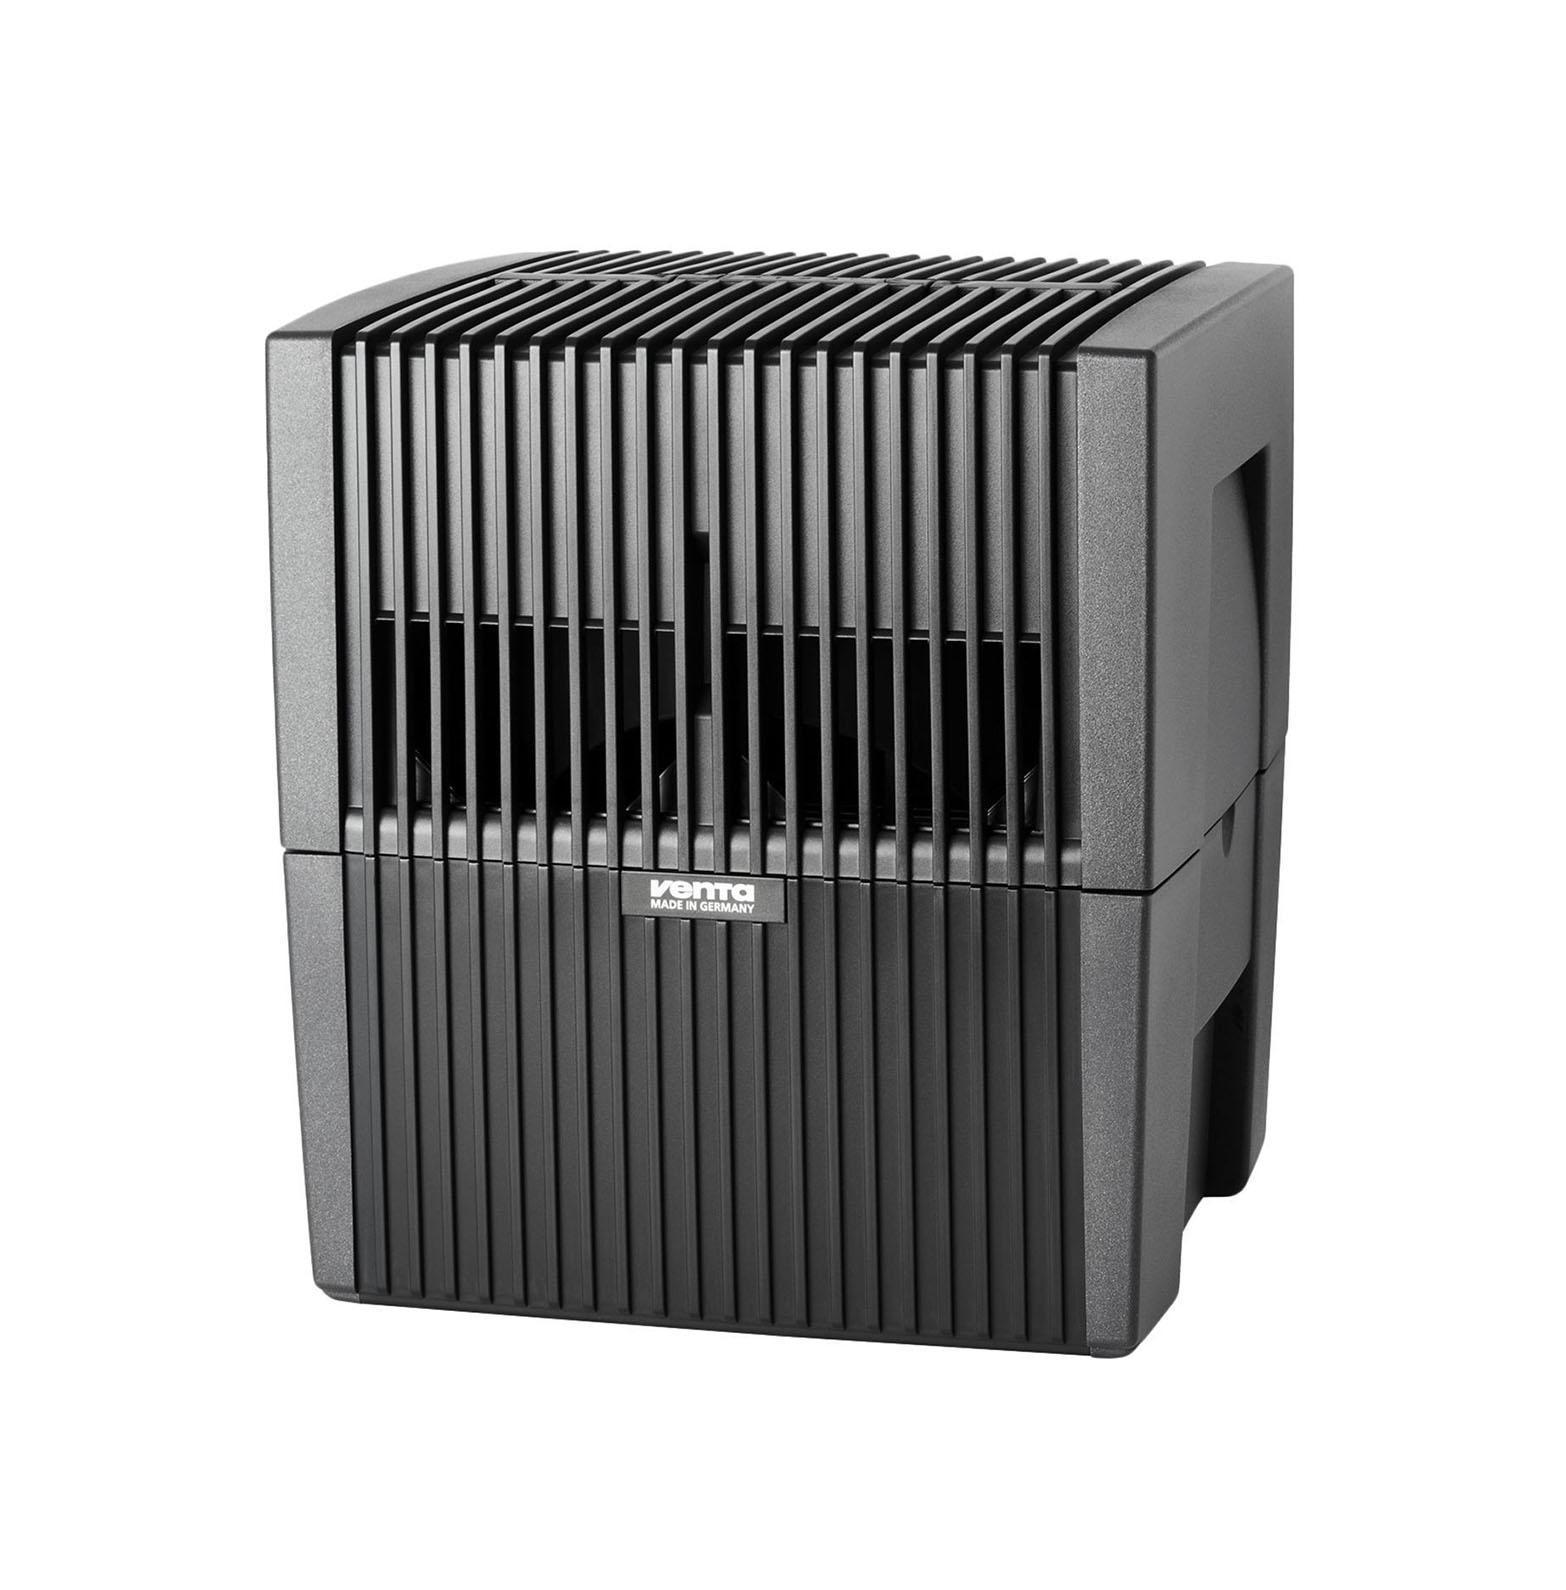 Venta LW 25, Black мойка воздуха очиститель и увлажнитель воздуха venta lw25 white